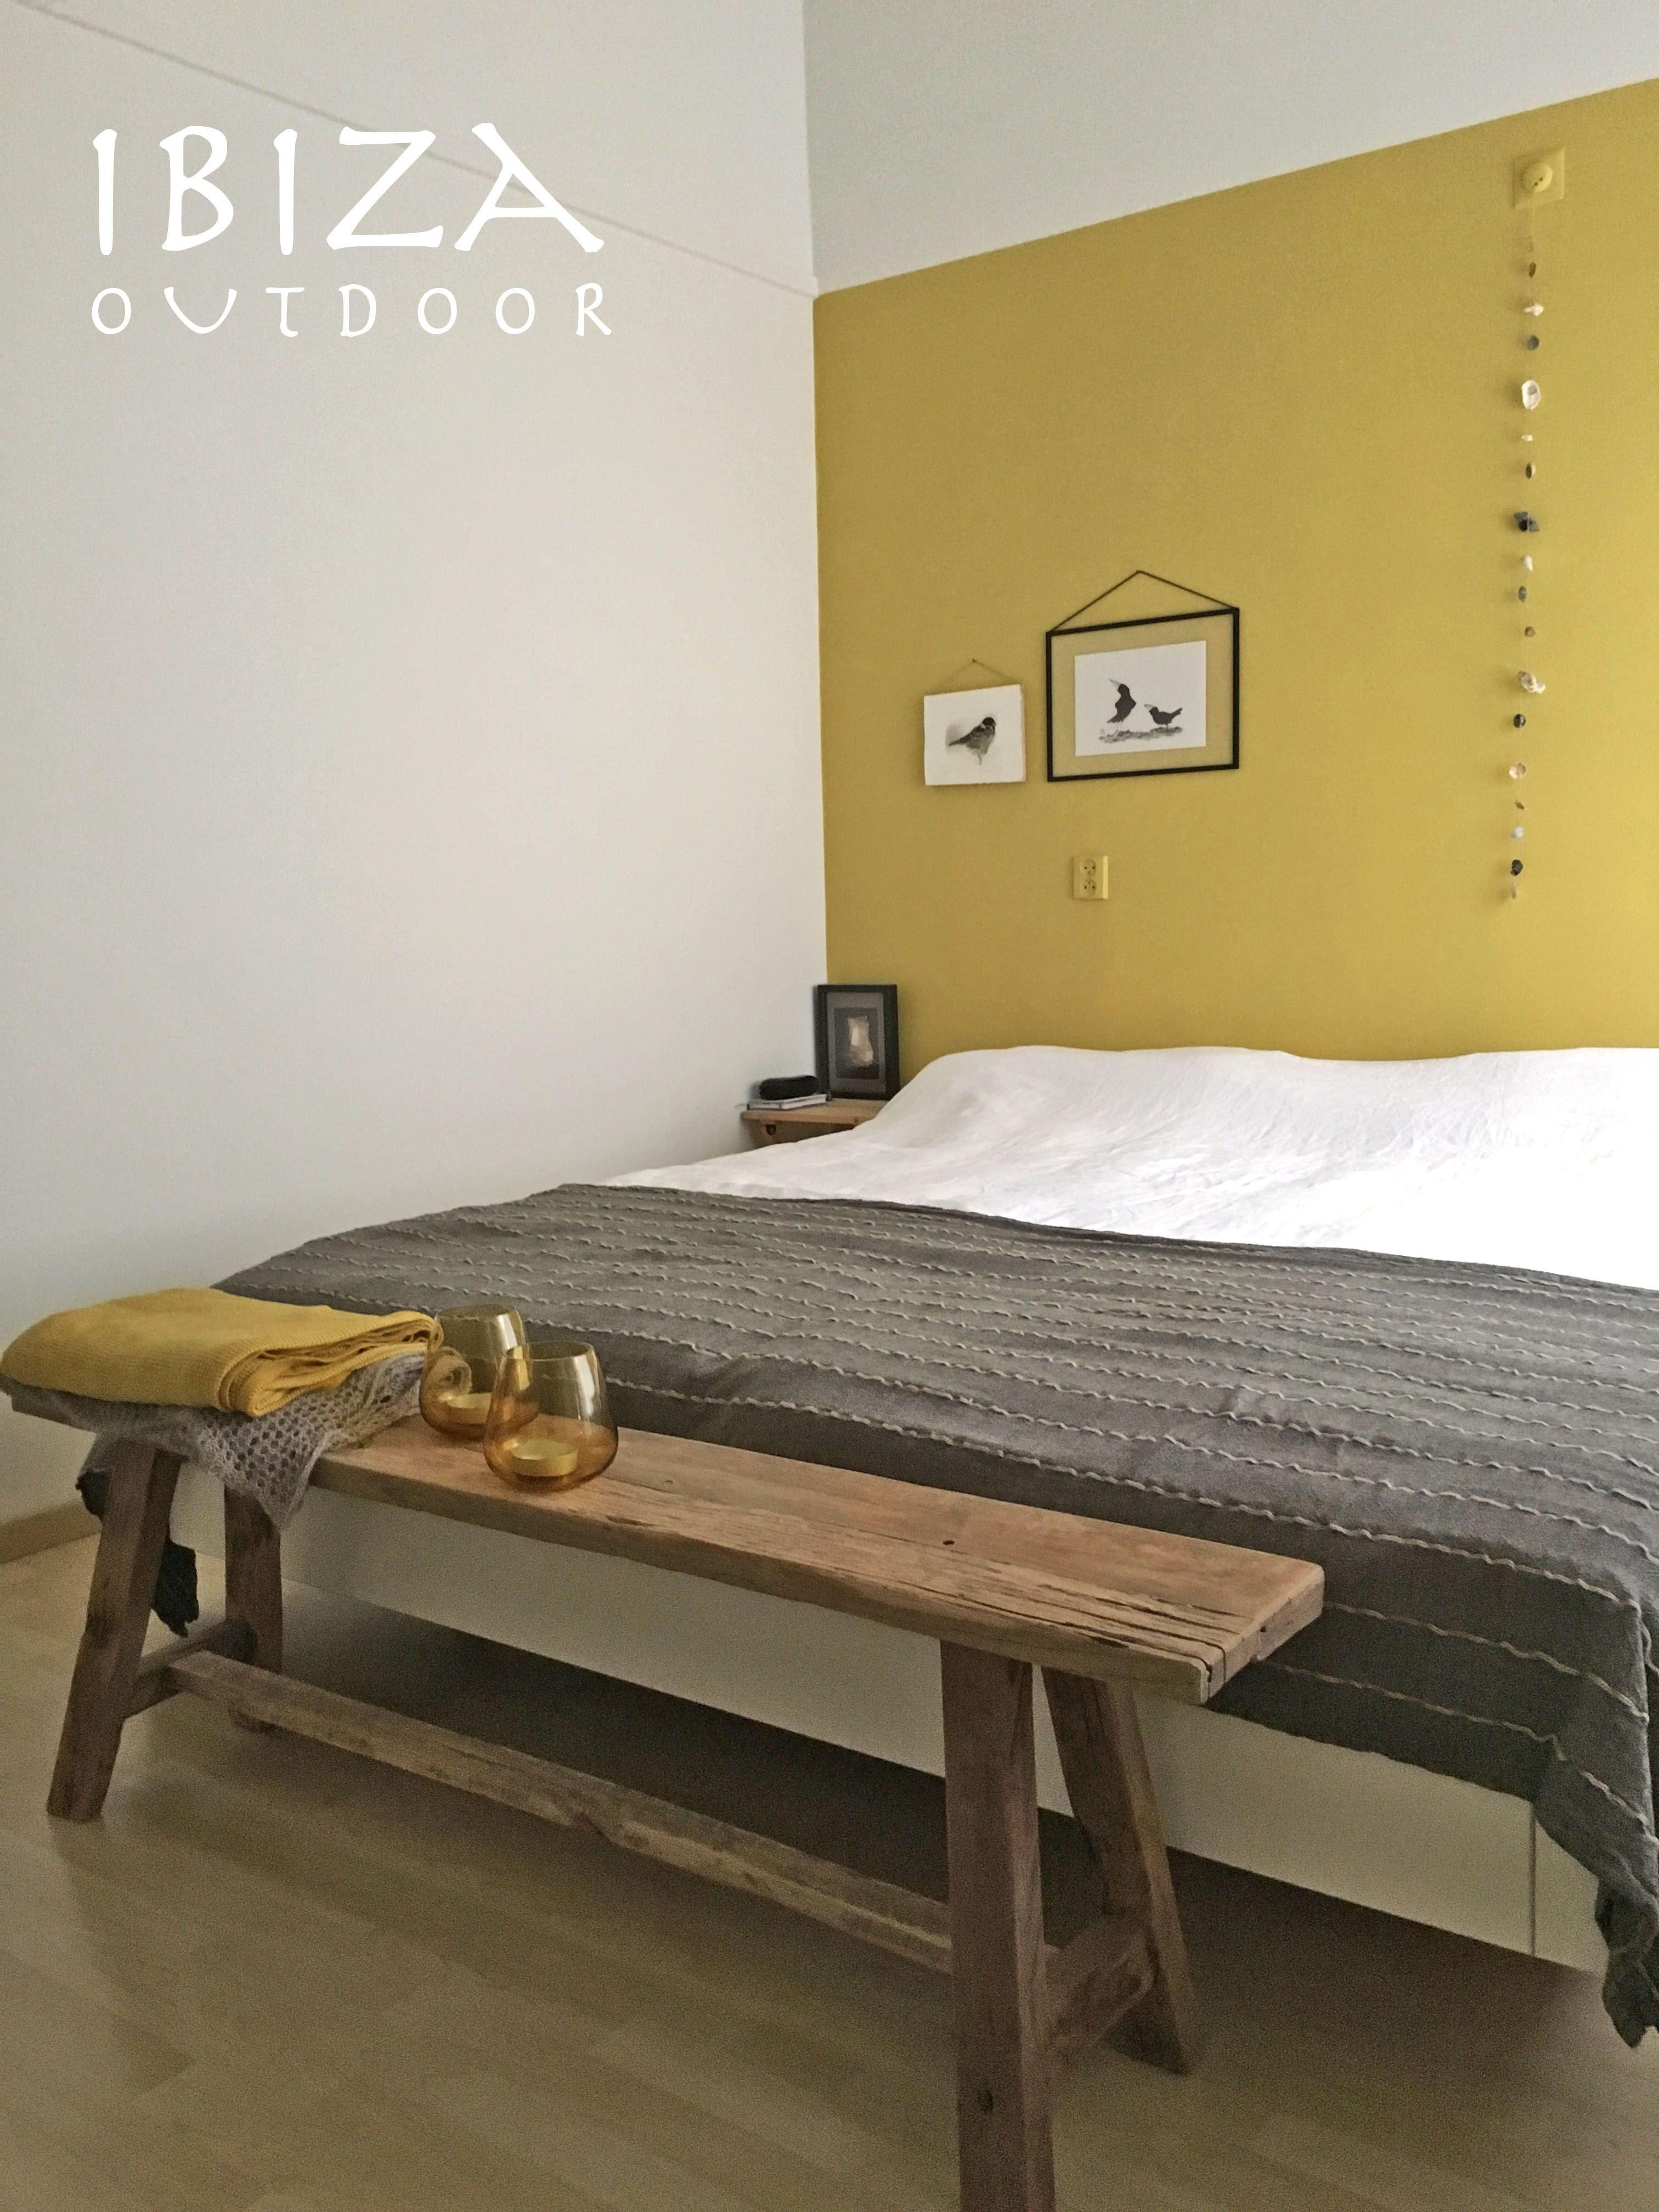 Leuke foto ontvangen met het oud houten bankje in de slaapkamer ...